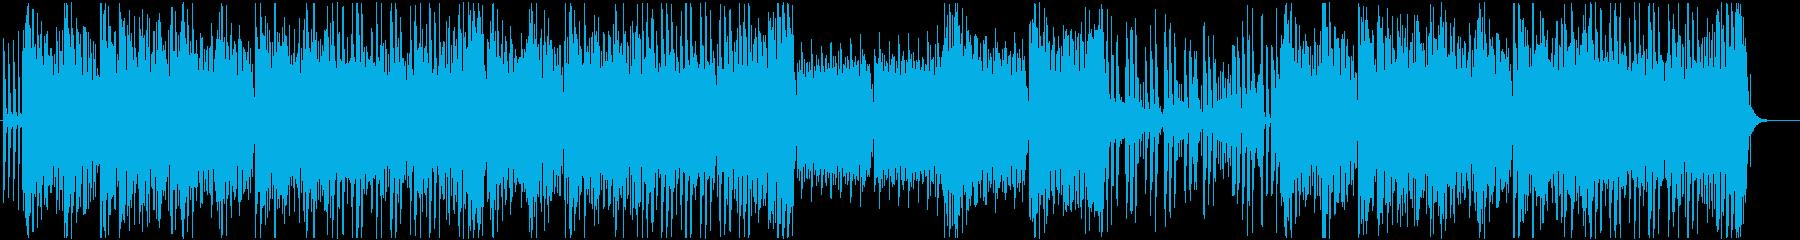 童謡っぽい かわいいトロピカルハウスの再生済みの波形